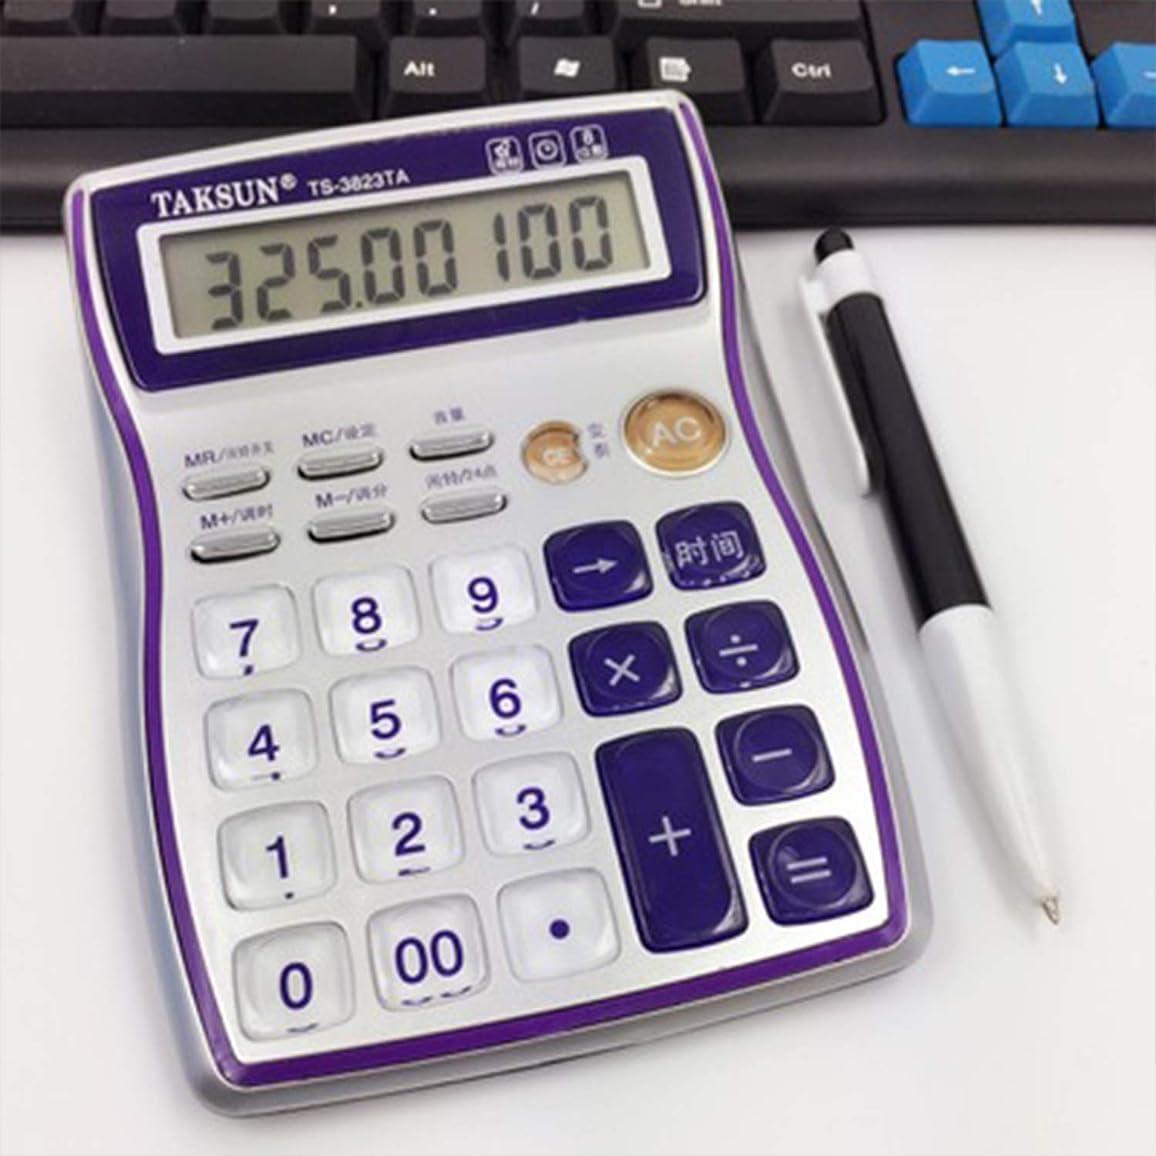 アラビア語コミュニケーション憧れかわいいボイス電卓クリスタル透明ボタンミディアムファイナンシャルスペシャルコンピュータ事務用品